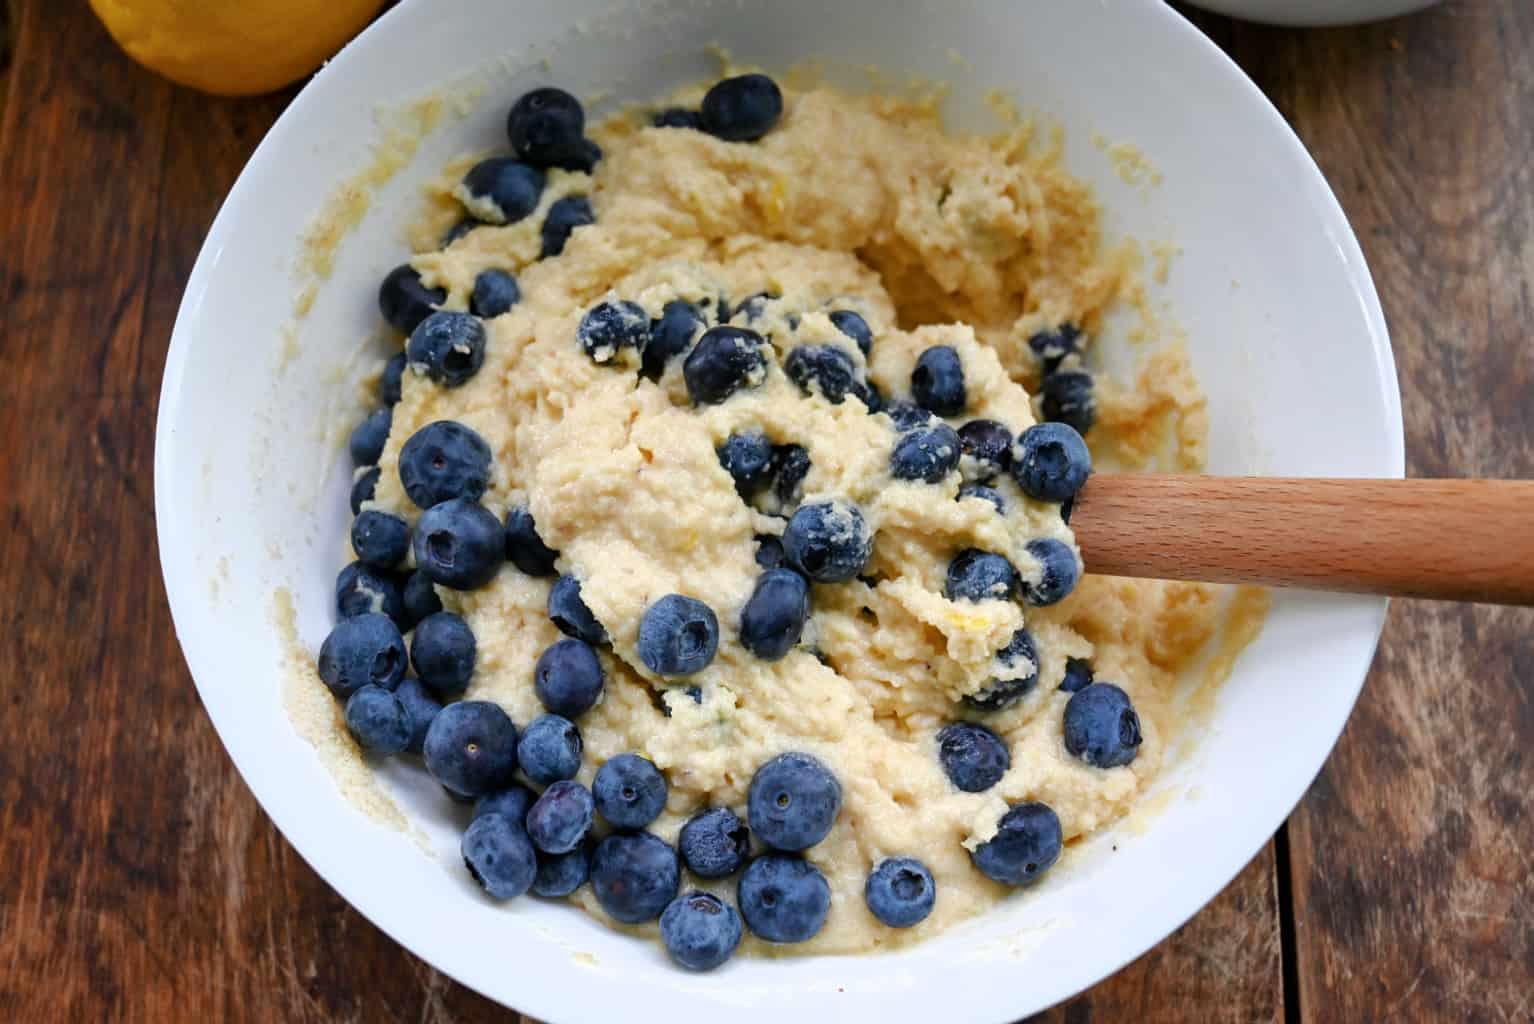 keto blueberry buckle cake batter